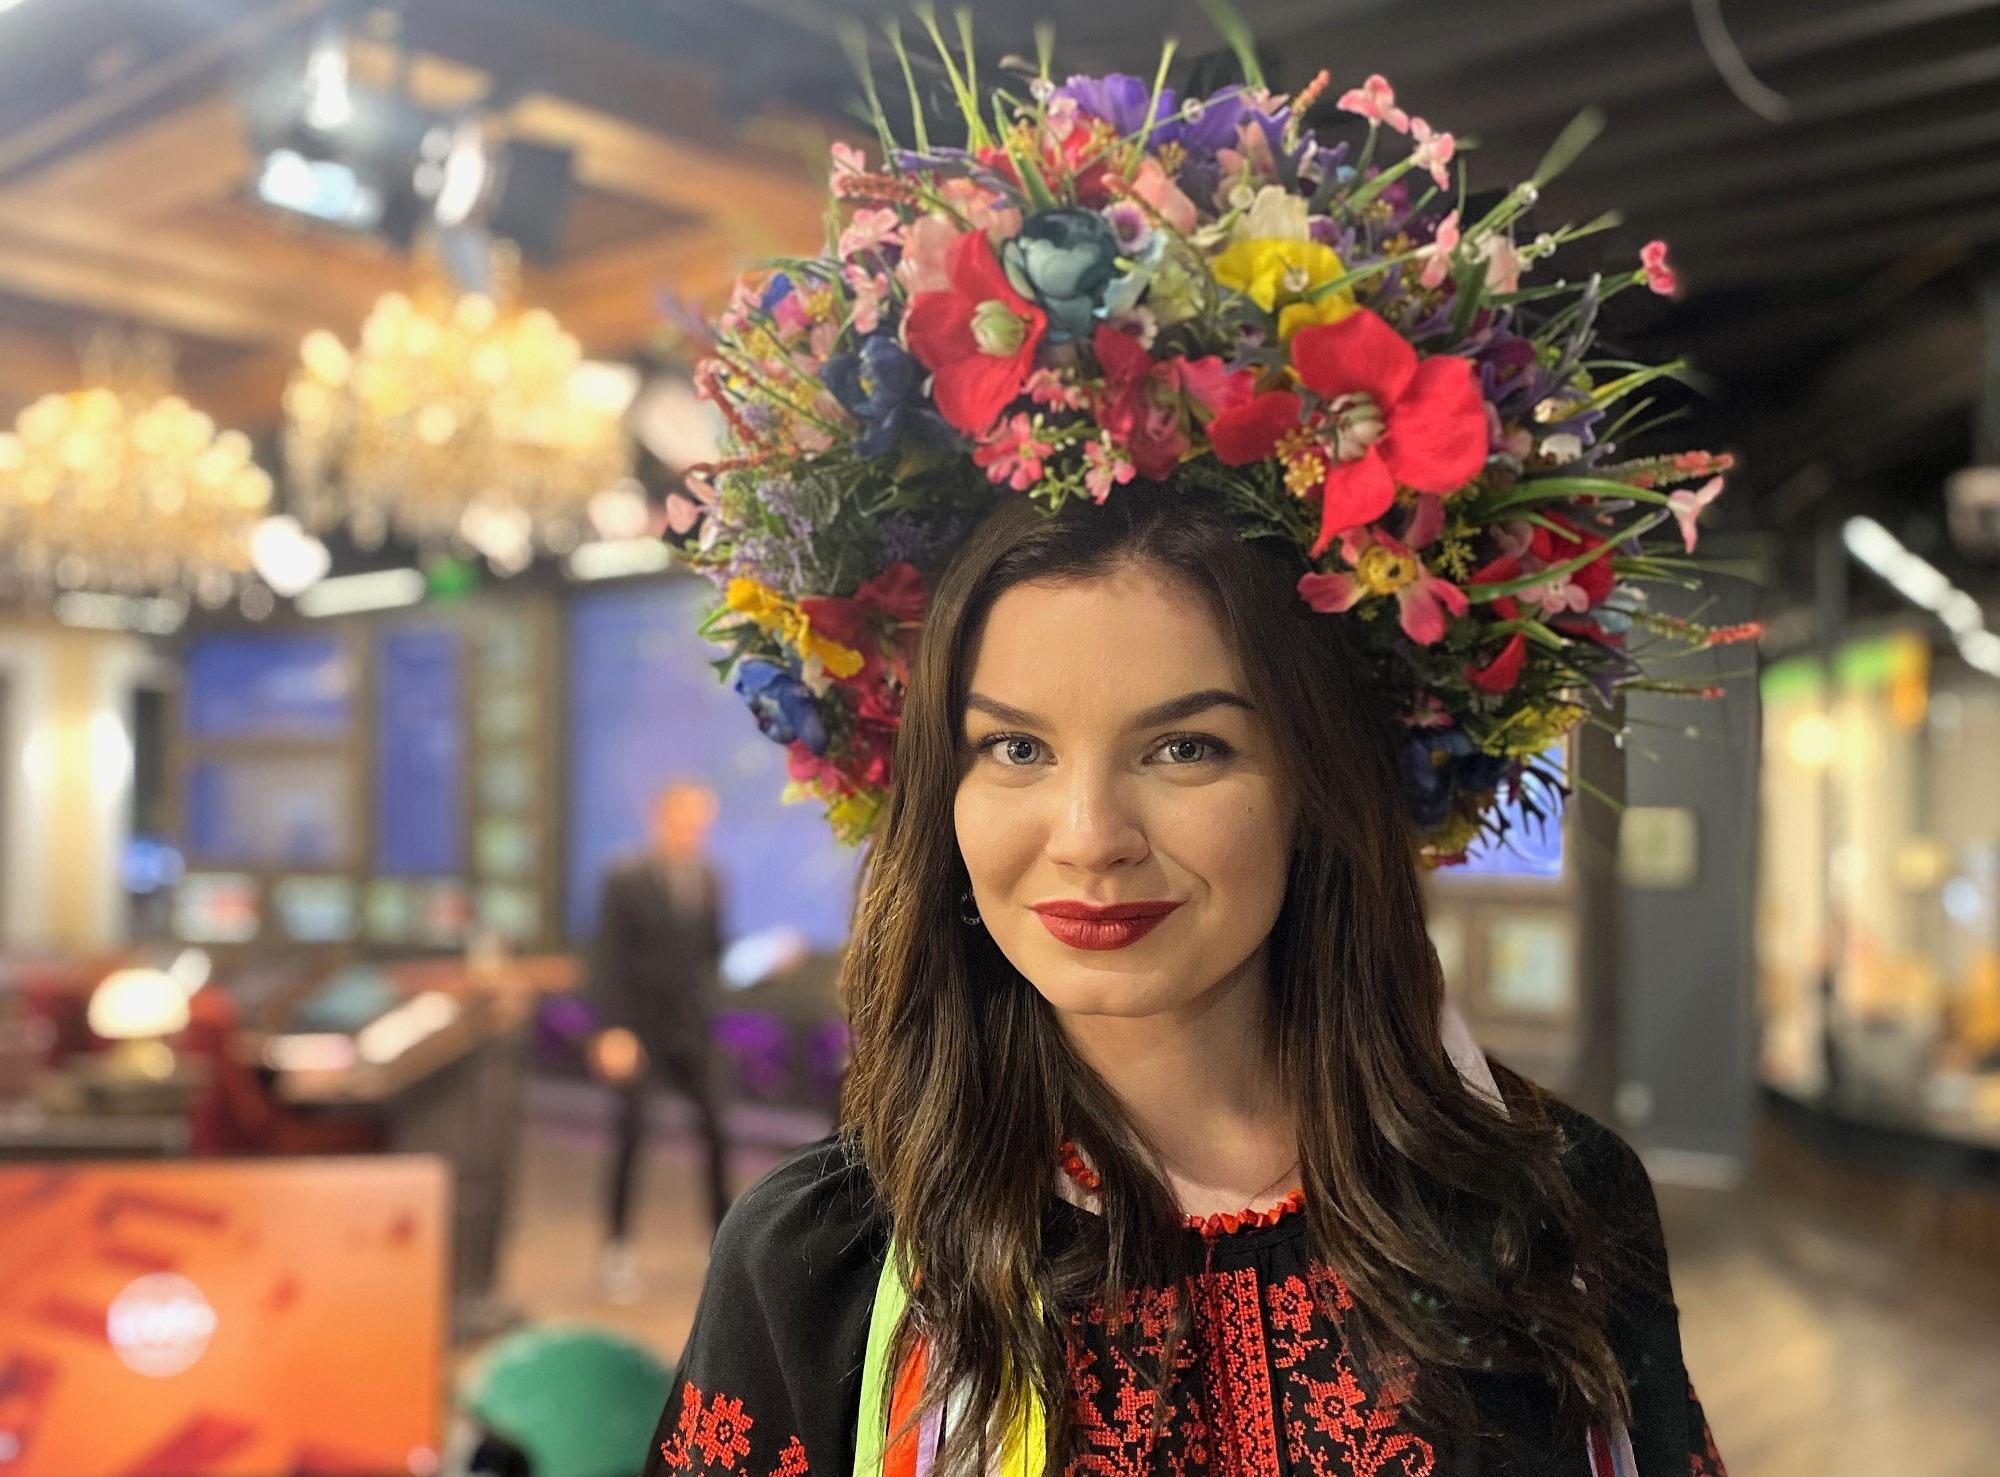 Журналист KYIV.LIVE Валерия Лобач